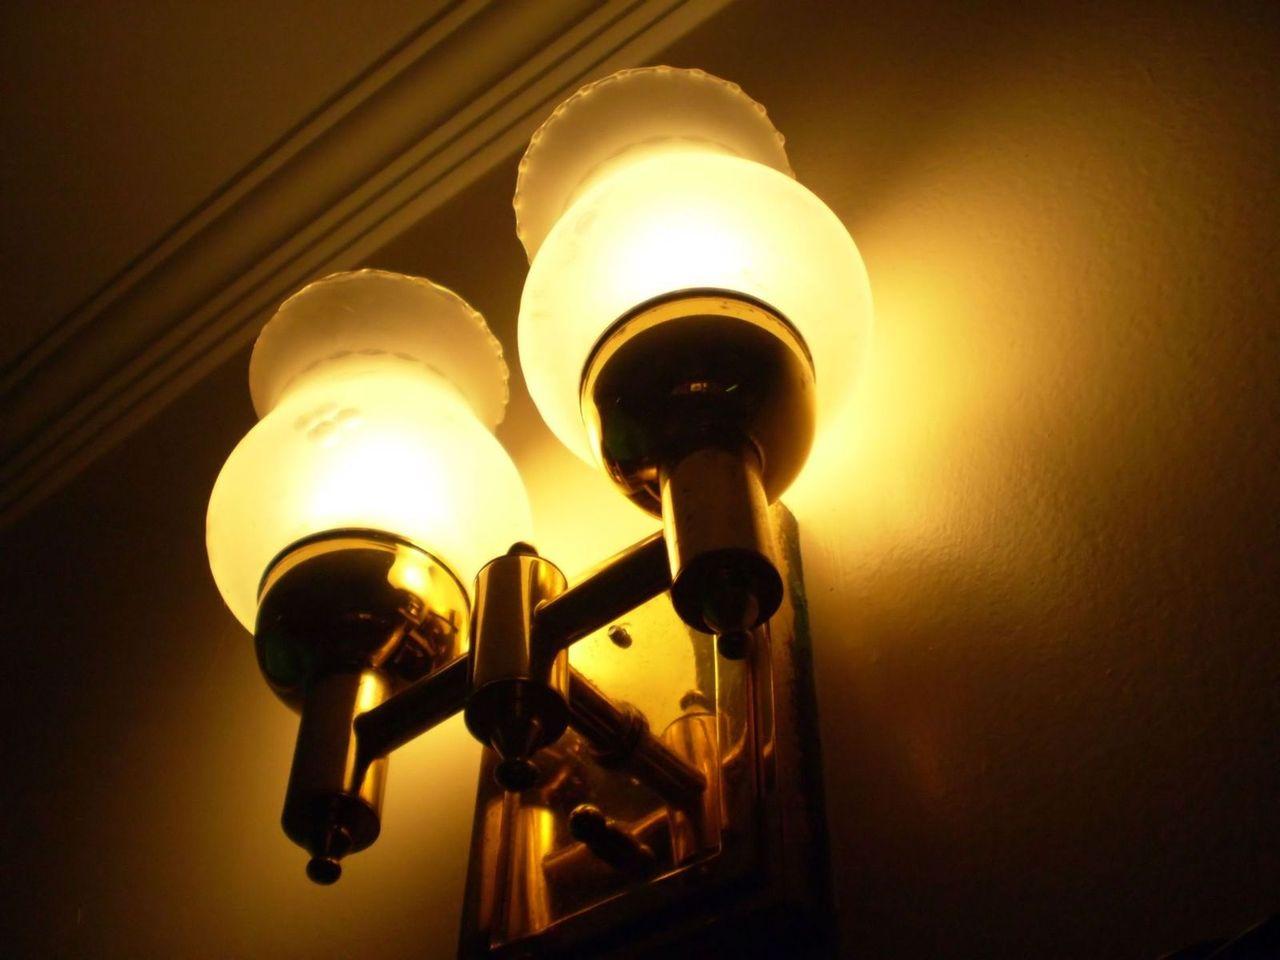 Drewno, metal a może tworzywo sztuczne – ciekawe wykończenia lamp